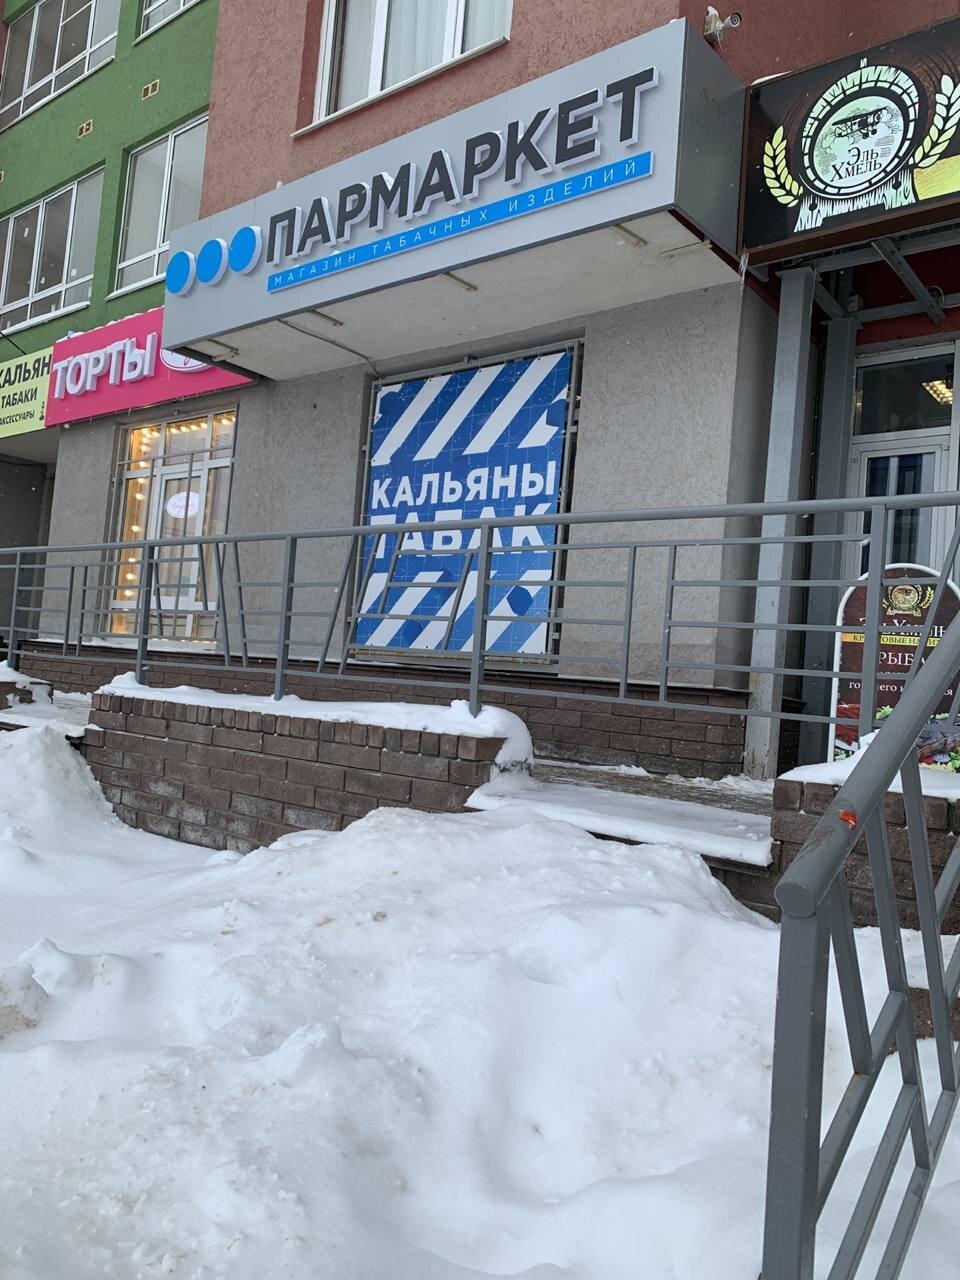 продавец табачных изделий нижний новгород автозаводский район